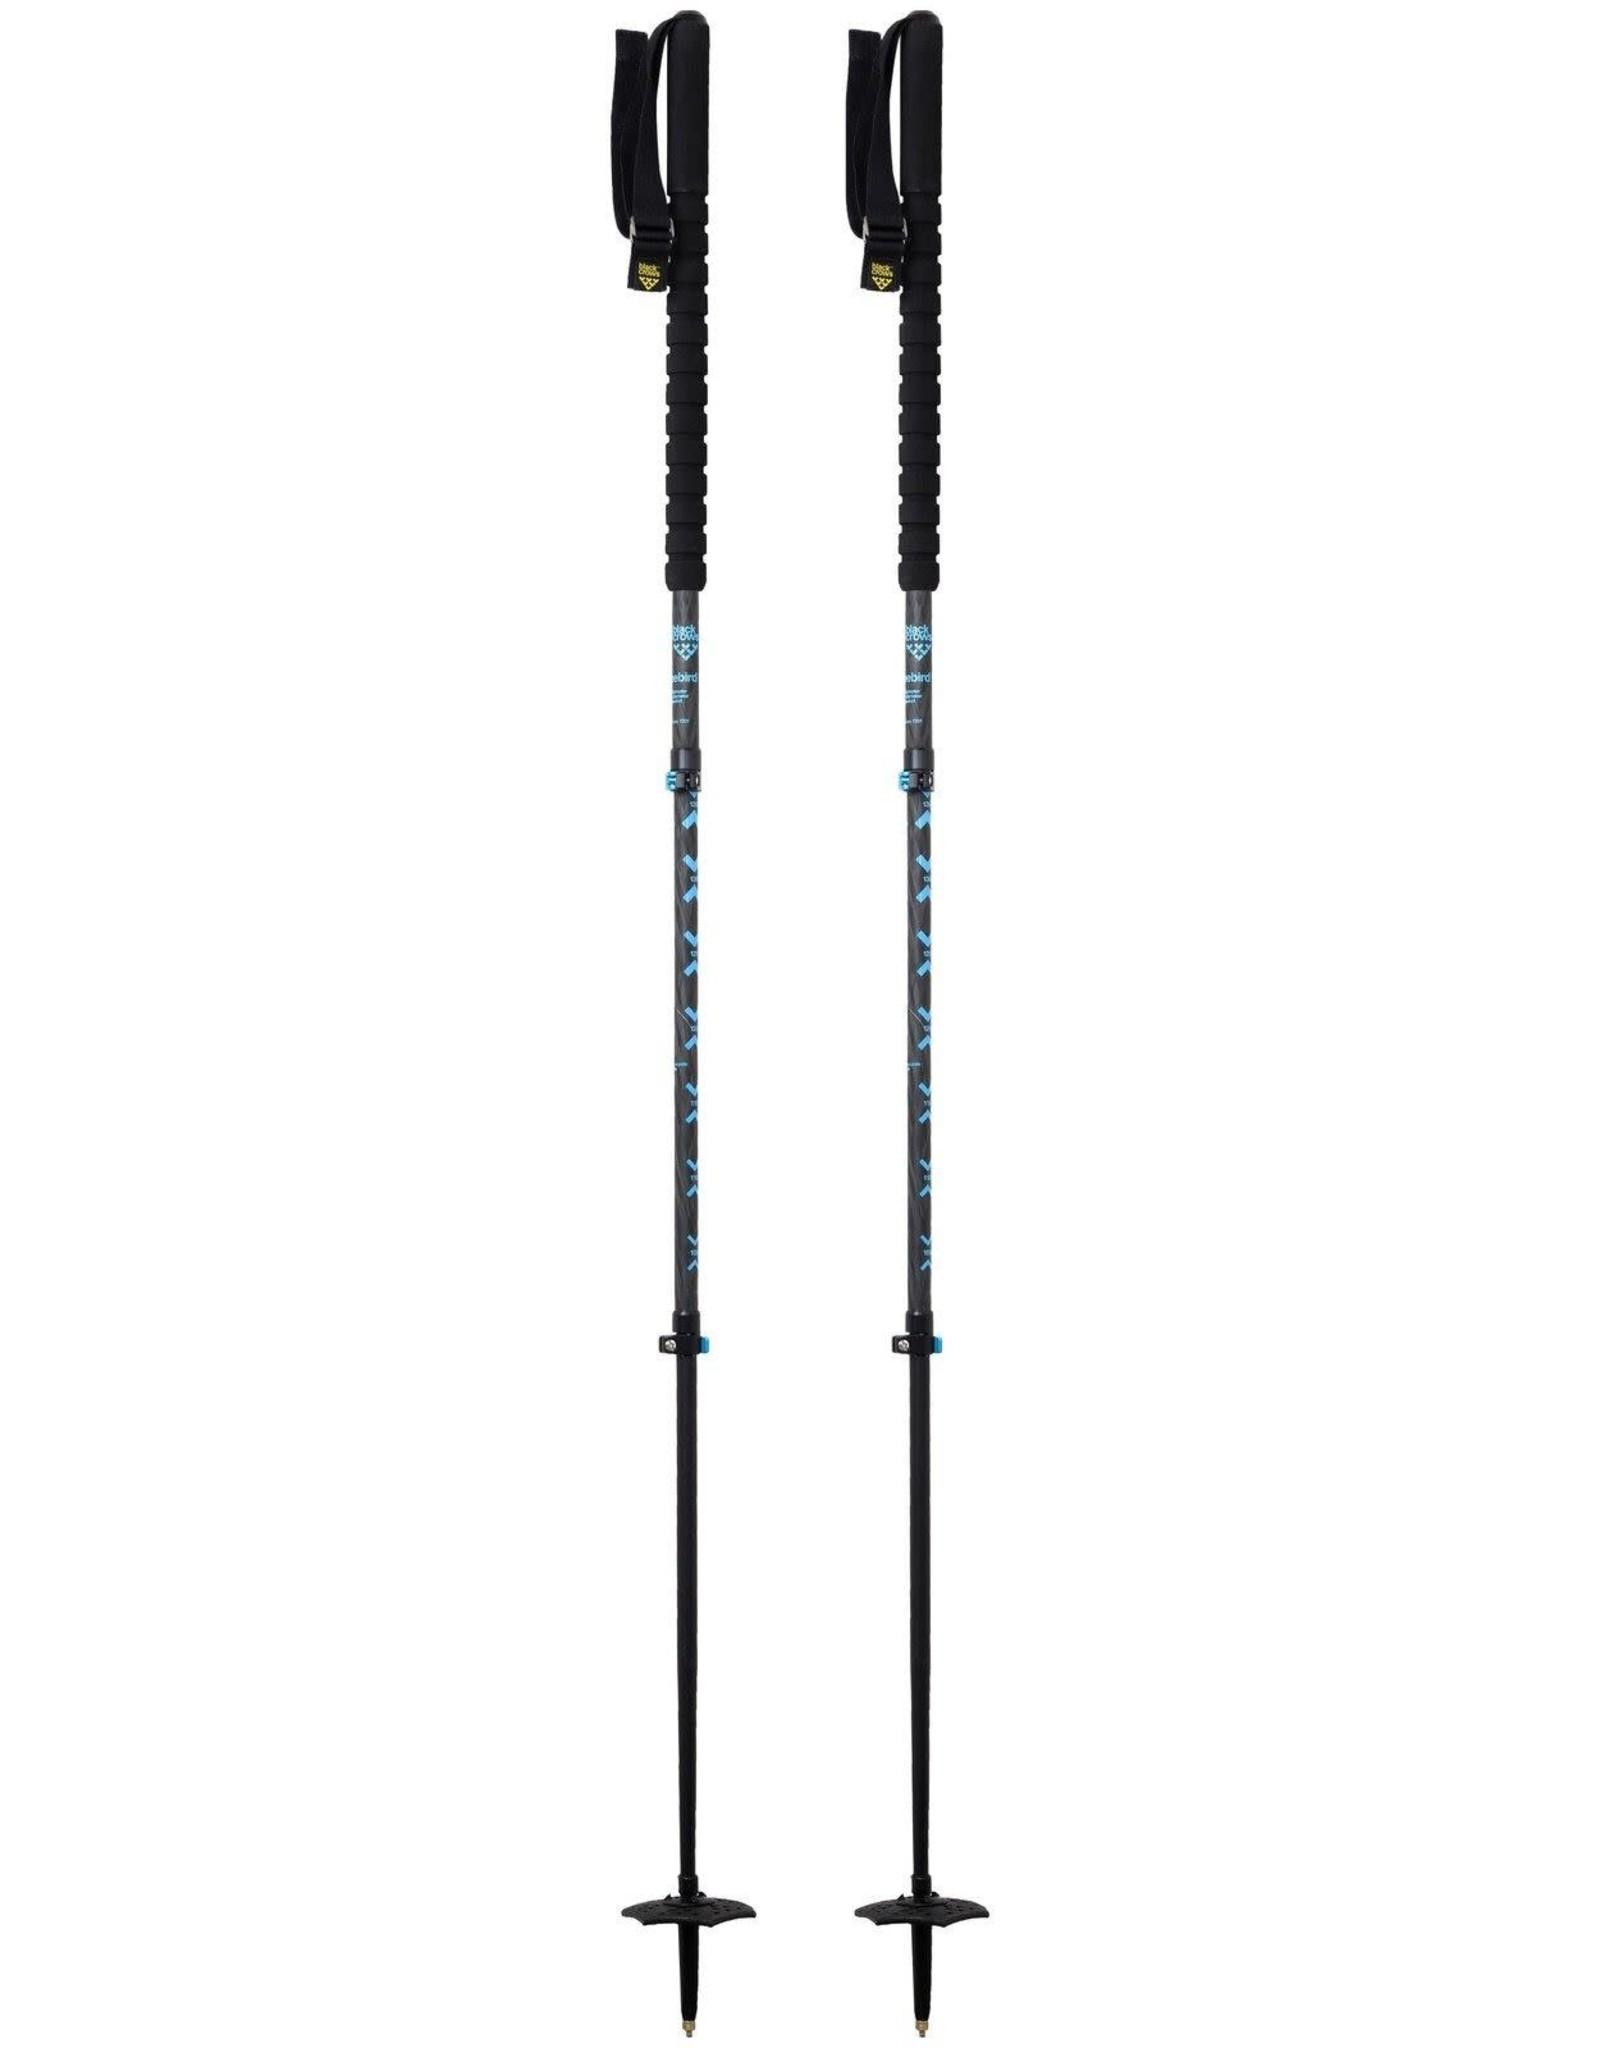 BLACK CROWS BLACK CROWS Poles TRIOS FREEBIRD Black/Blue Adjustable 115-140cm